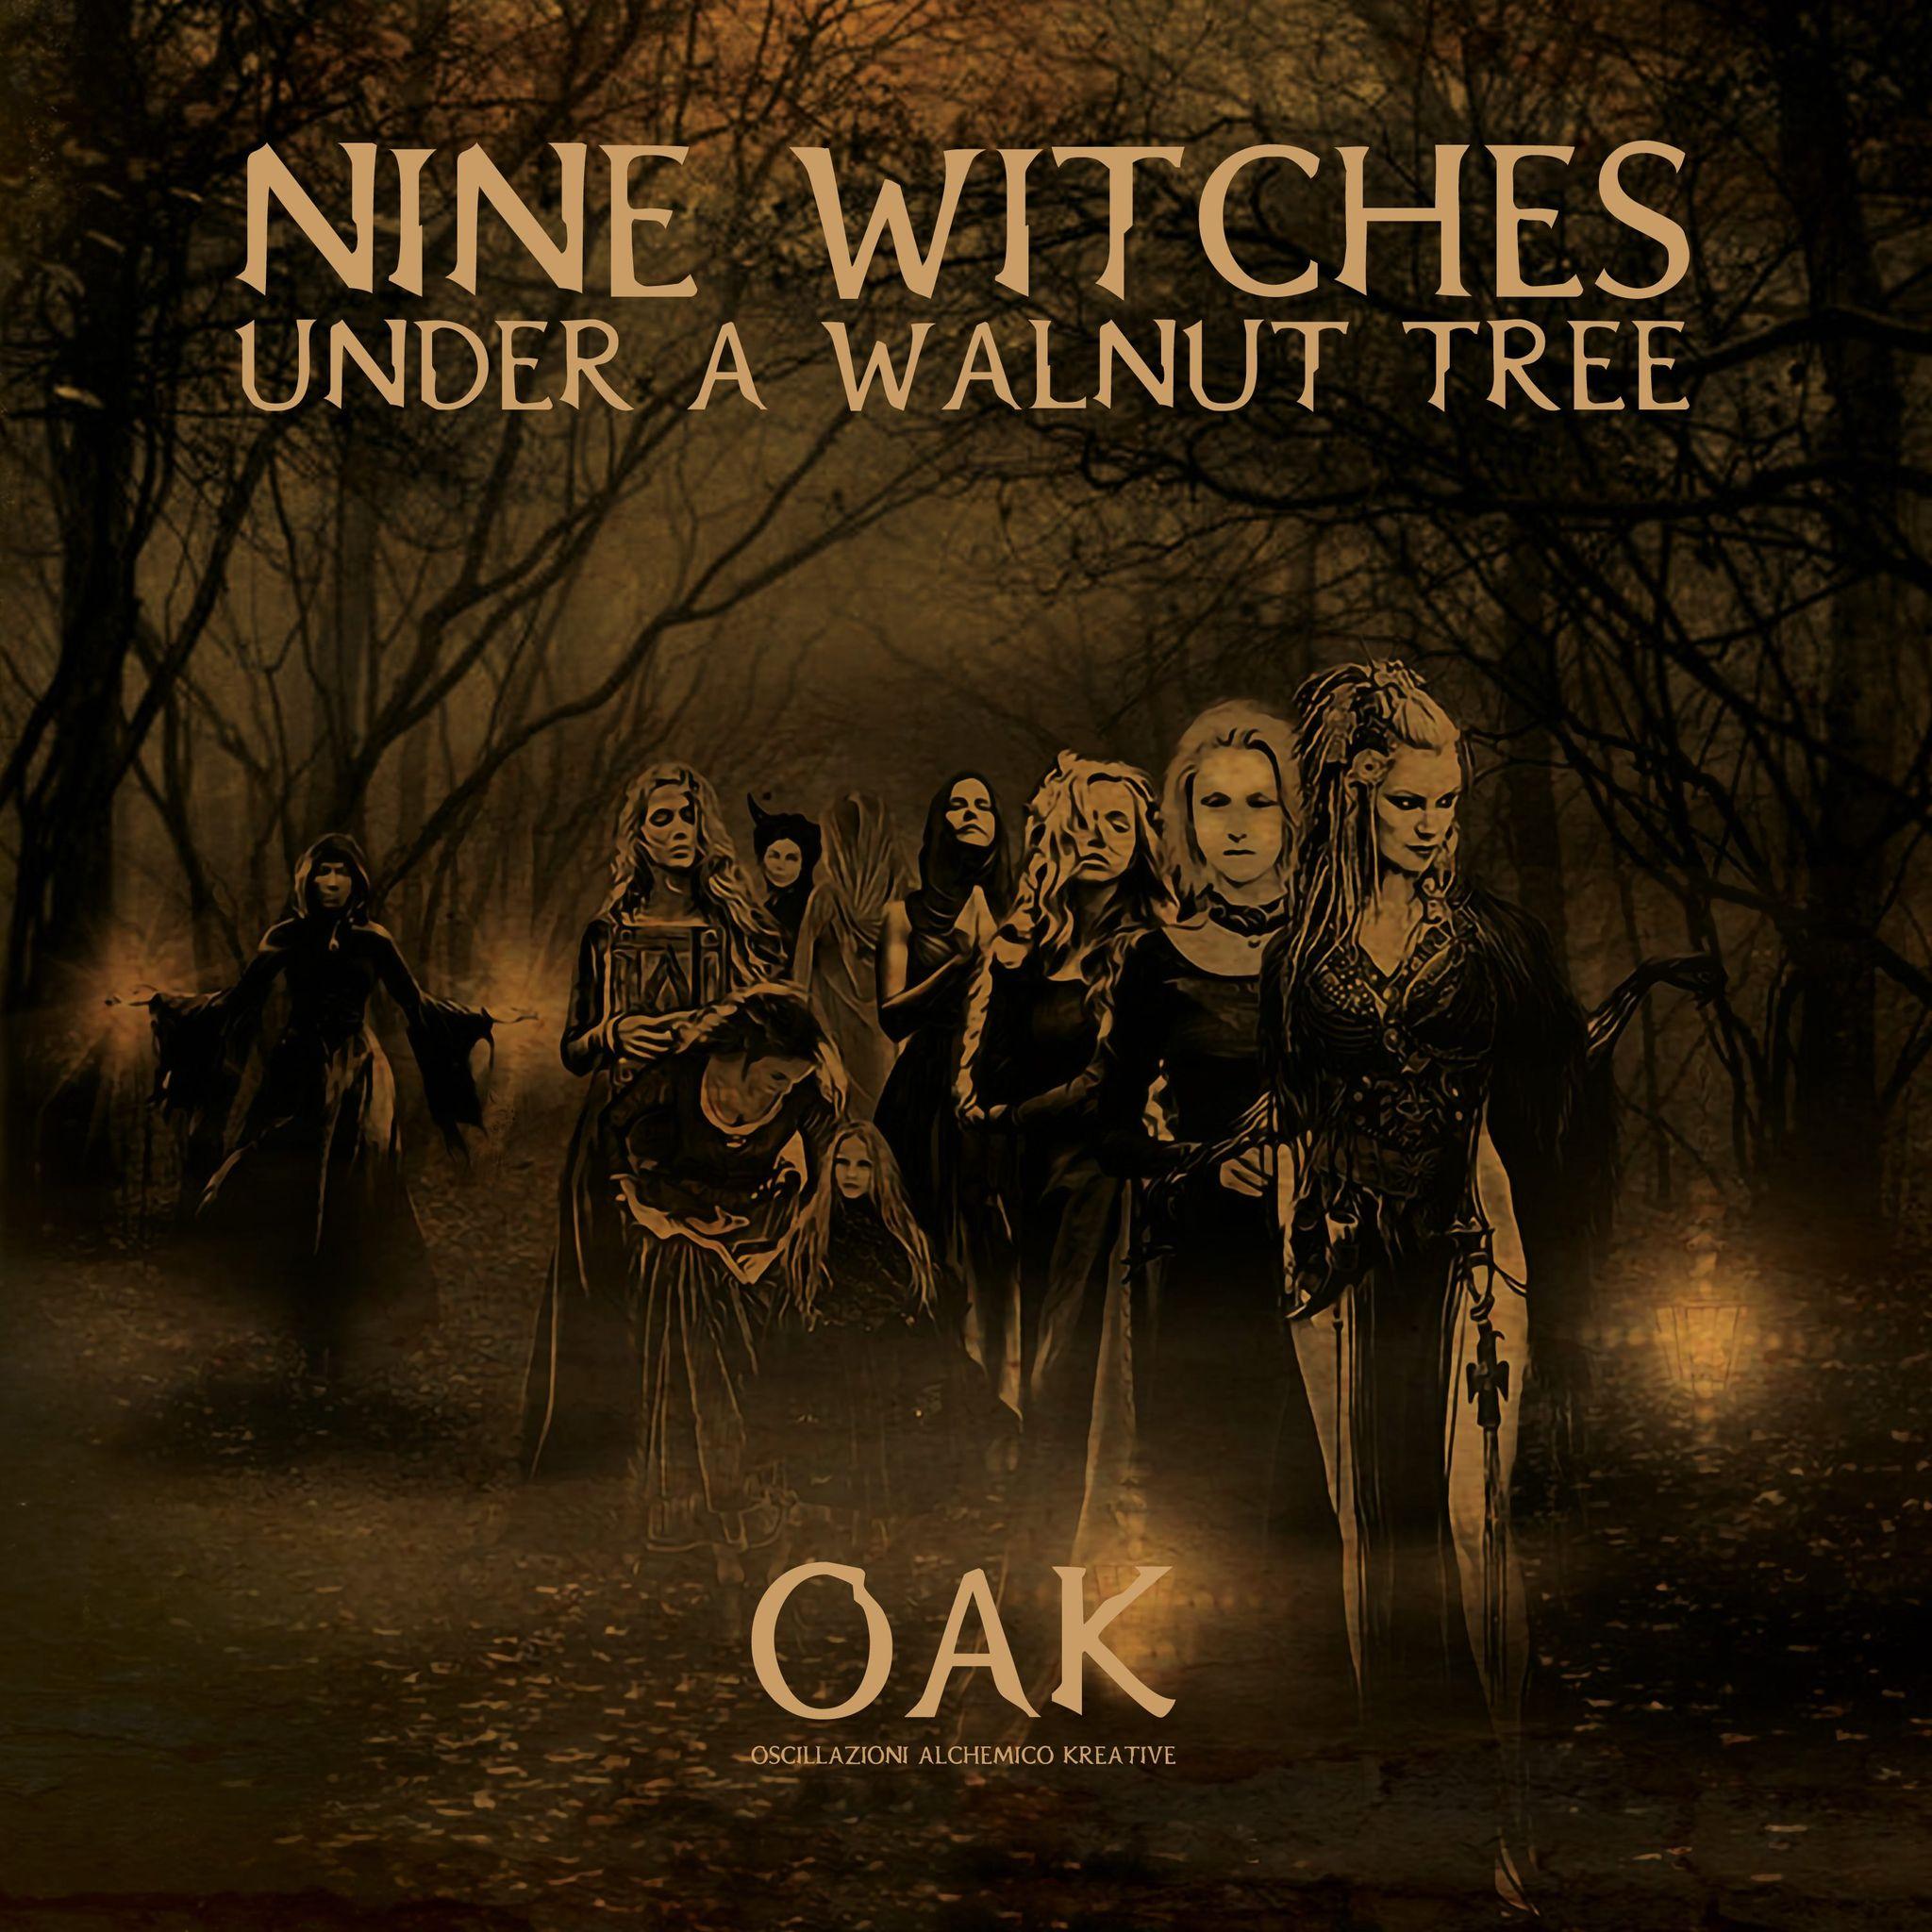 OAK: Nine Witches under a Walnut Tree